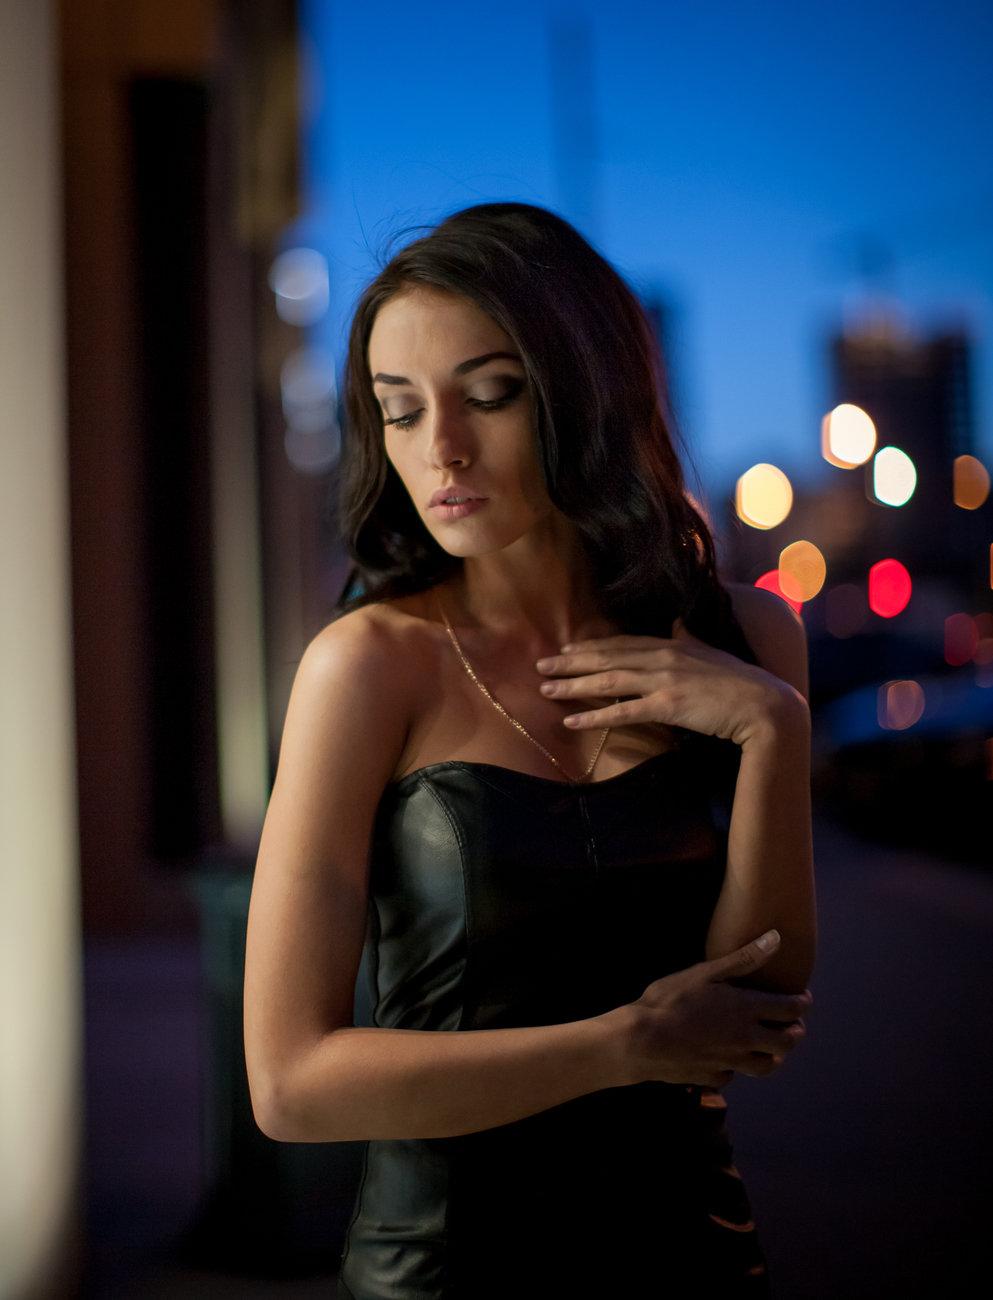 фотопортрет в ночном городе детали